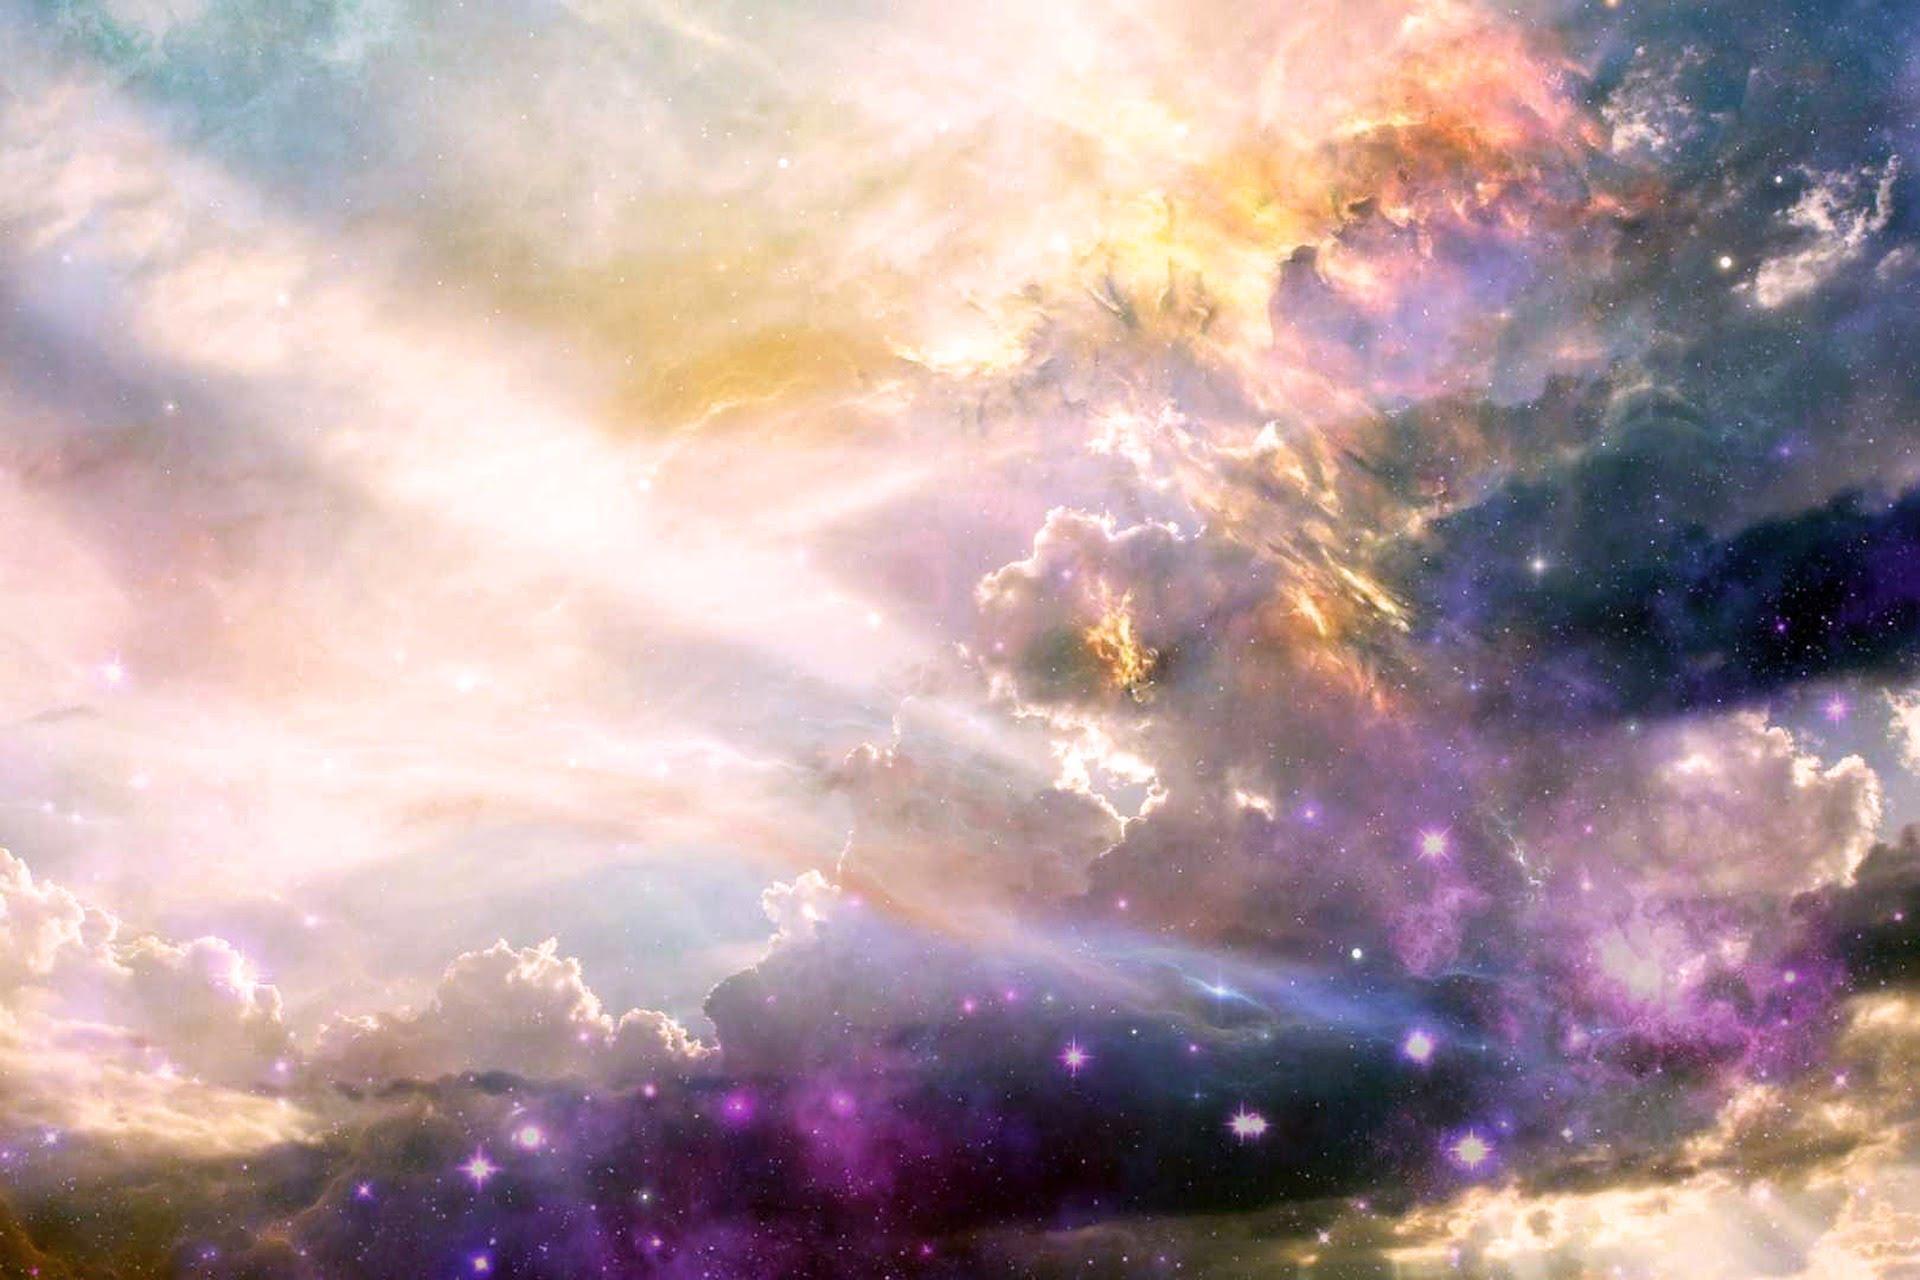 Duhovni zakoni in Svete skrivnosti našega Univerzuma 1